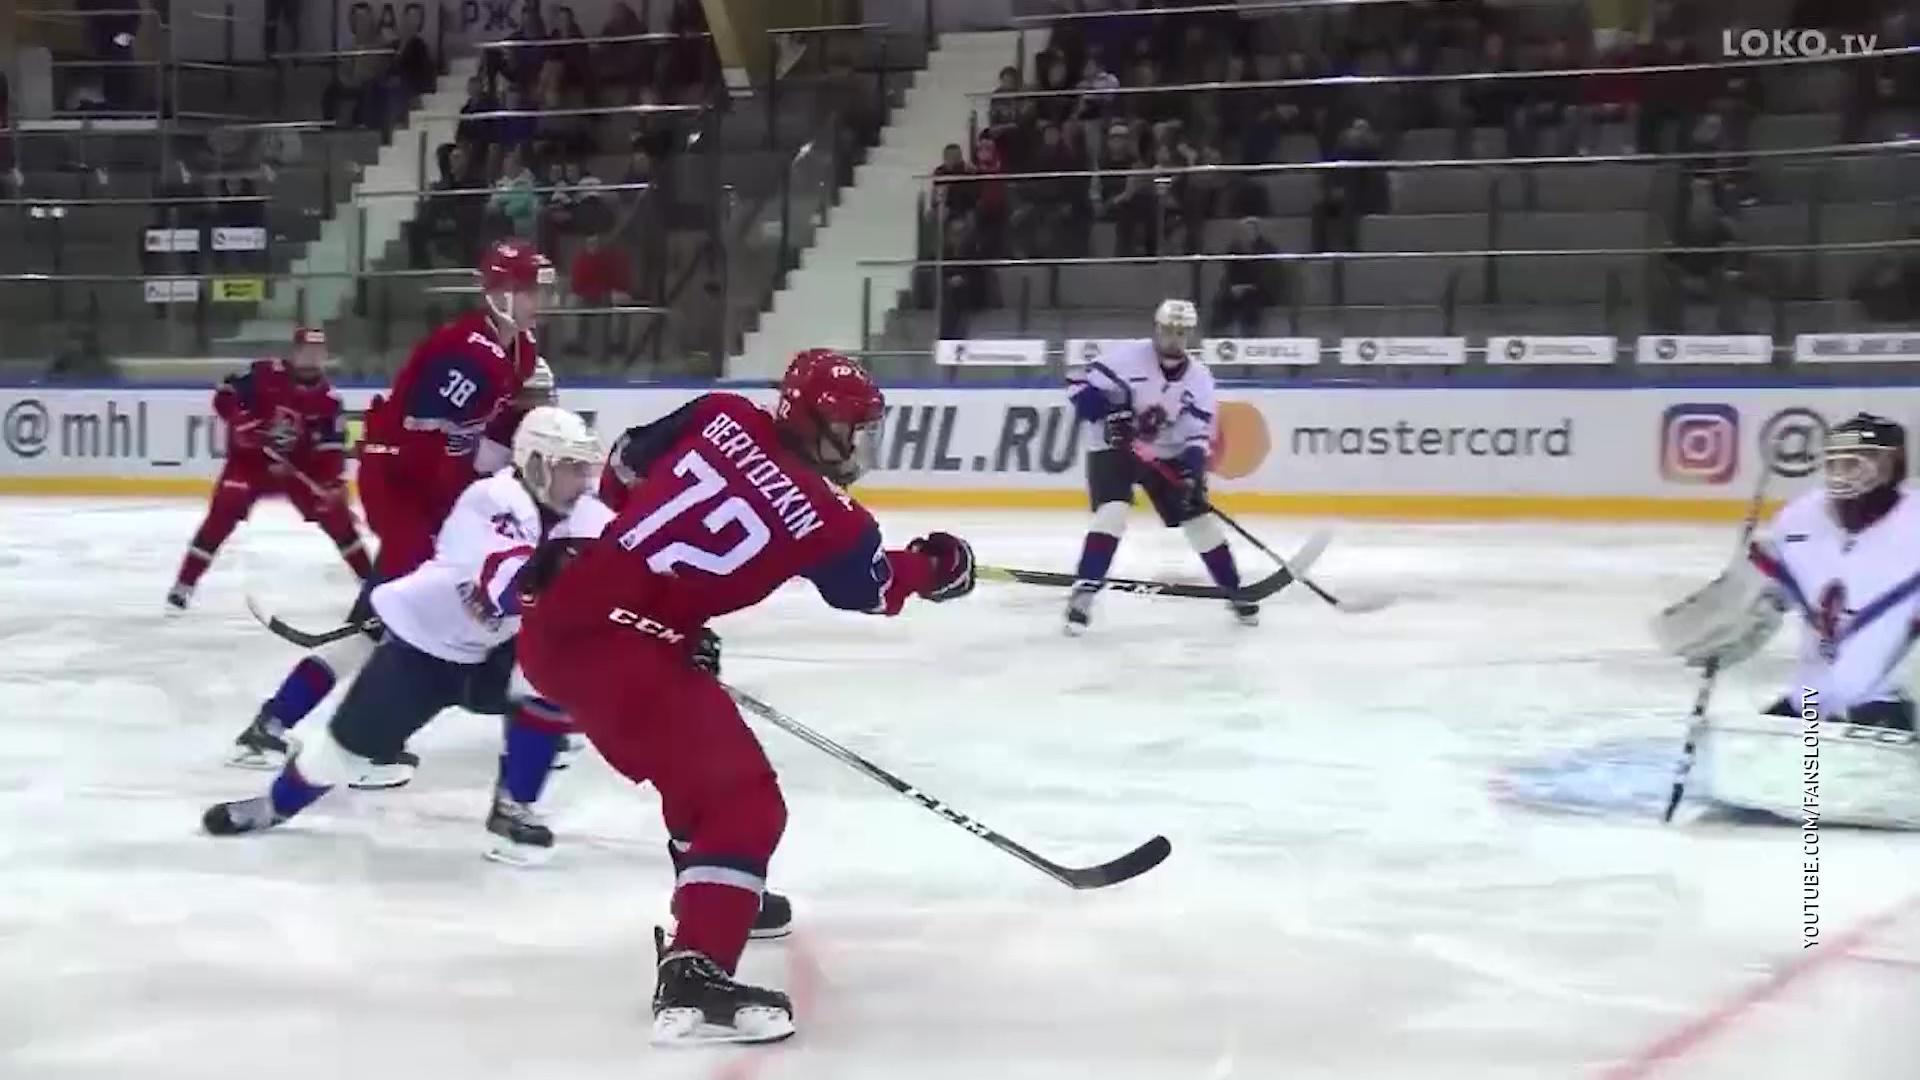 Без команды, бьющей антирекорды: «Локо» лишился соперника в МХЛ